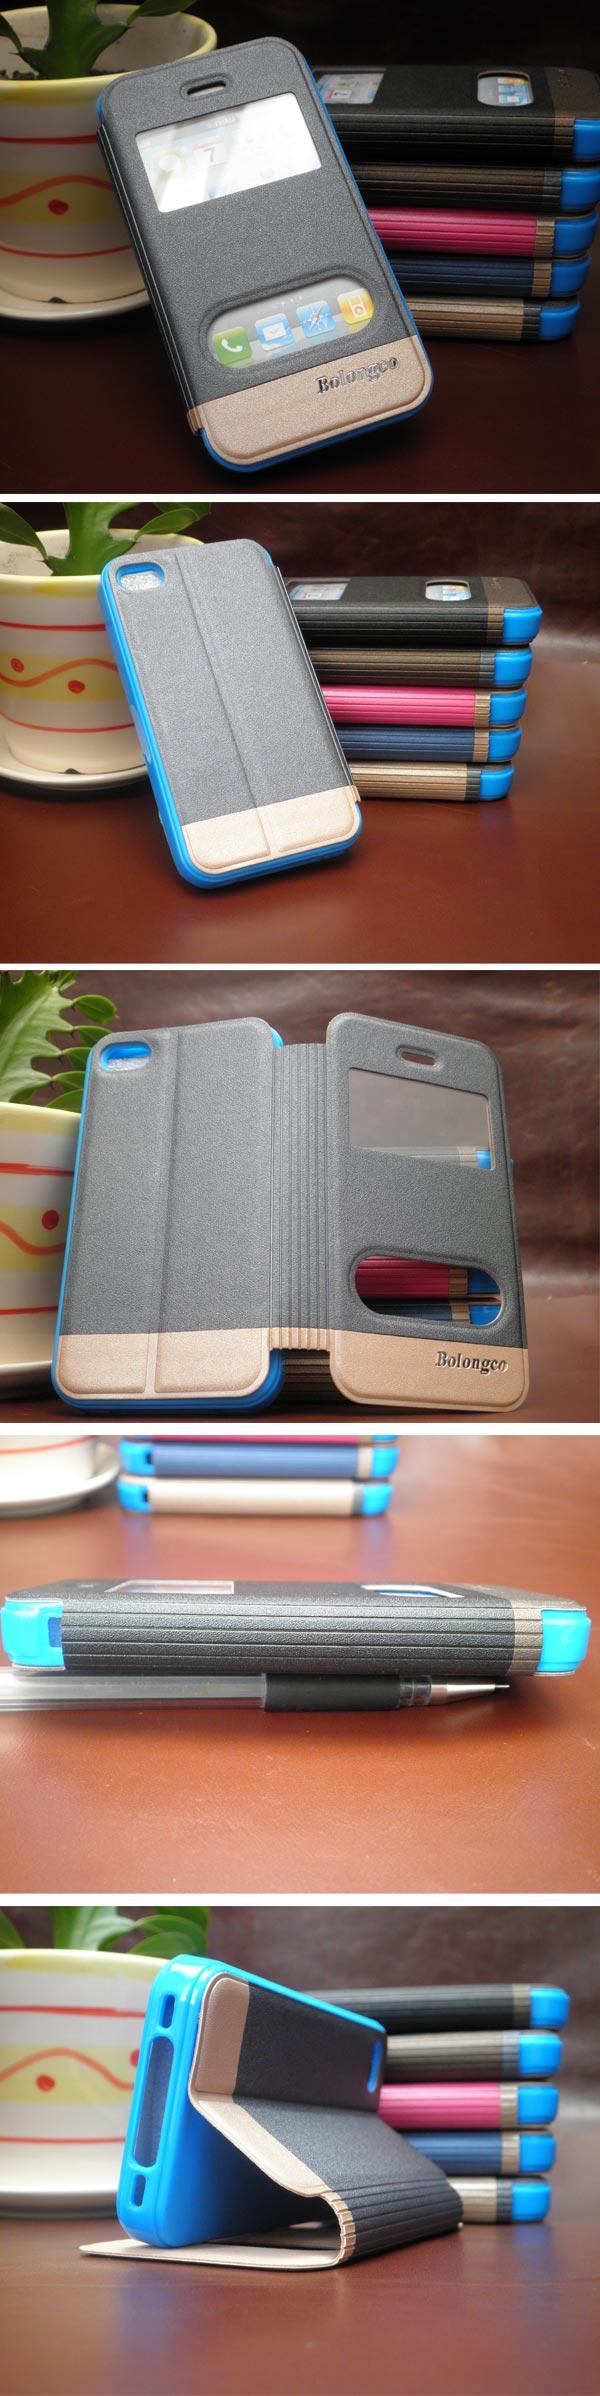 최신 보호 케이스 아이폰 4 5 6 플러스 Windows 손으로 만든 휴대 전화 accerries 아이폰 휴대 전화 케이스